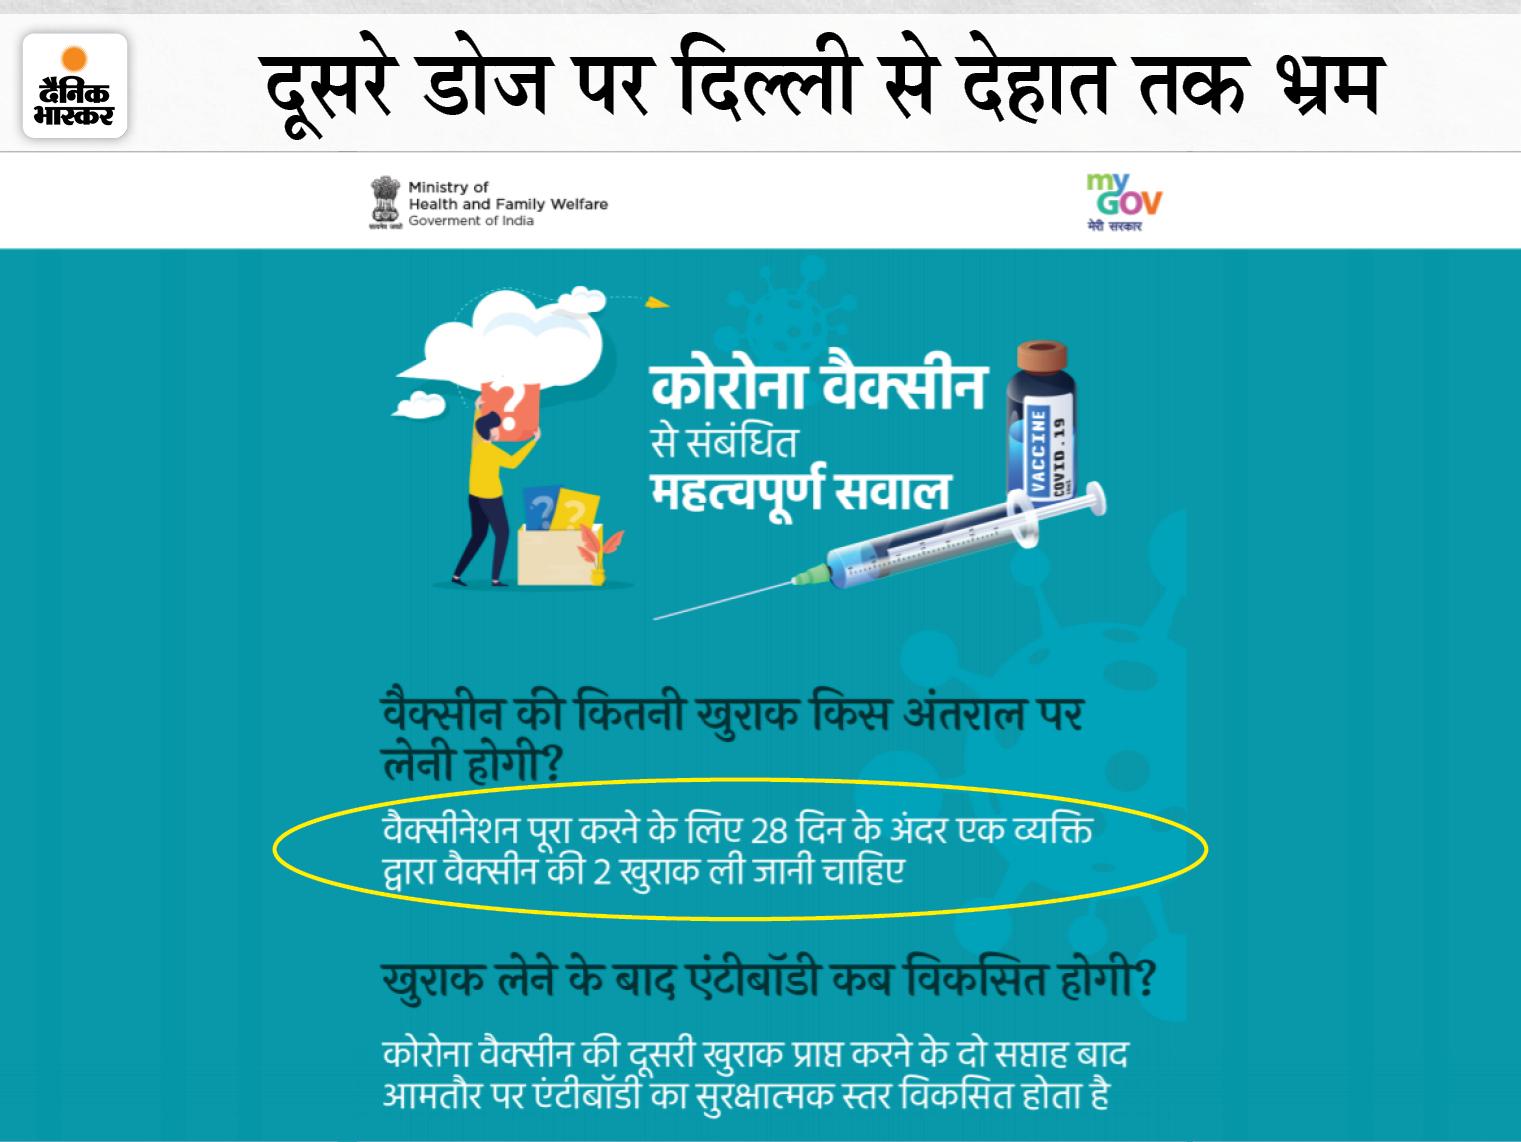 कोवीशील्ड का दूसरा डोज कितने दिन में लगना जरूरी? इंदौर में अधिकतम 56 तो उज्जैन-रीवा में 60 दिन बताए; सरकारी वेबसाइट पर भी दो जवाब|मध्य प्रदेश,Madhya Pradesh - Dainik Bhaskar